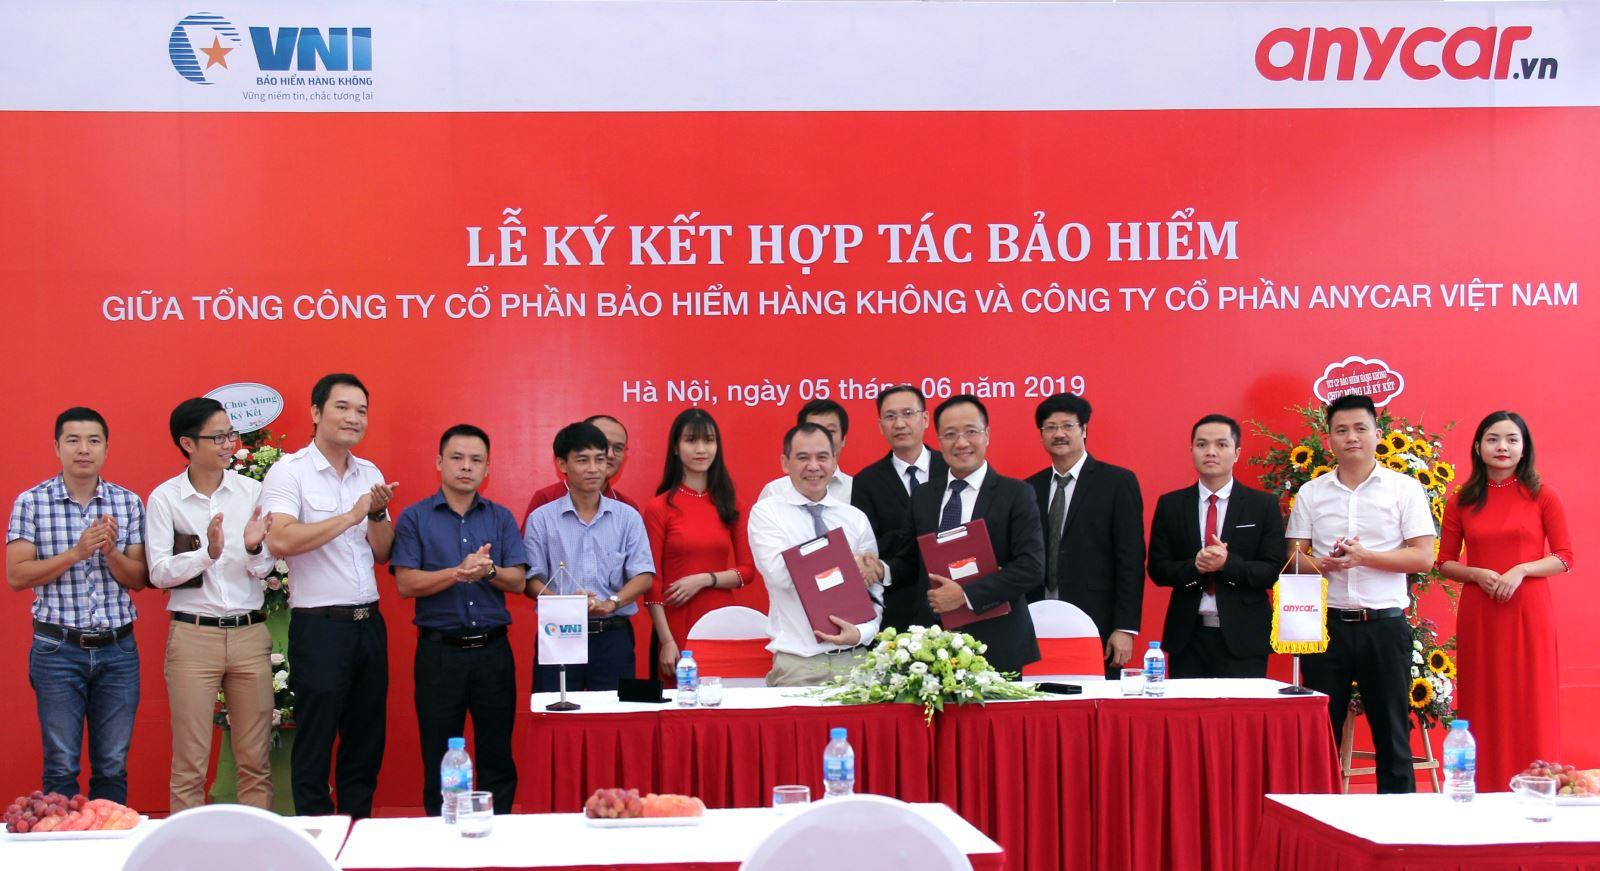 VNI & Anycar Việt Nam ký hợp tác bảo hiểm mang lại tiện ích cho khách hàng